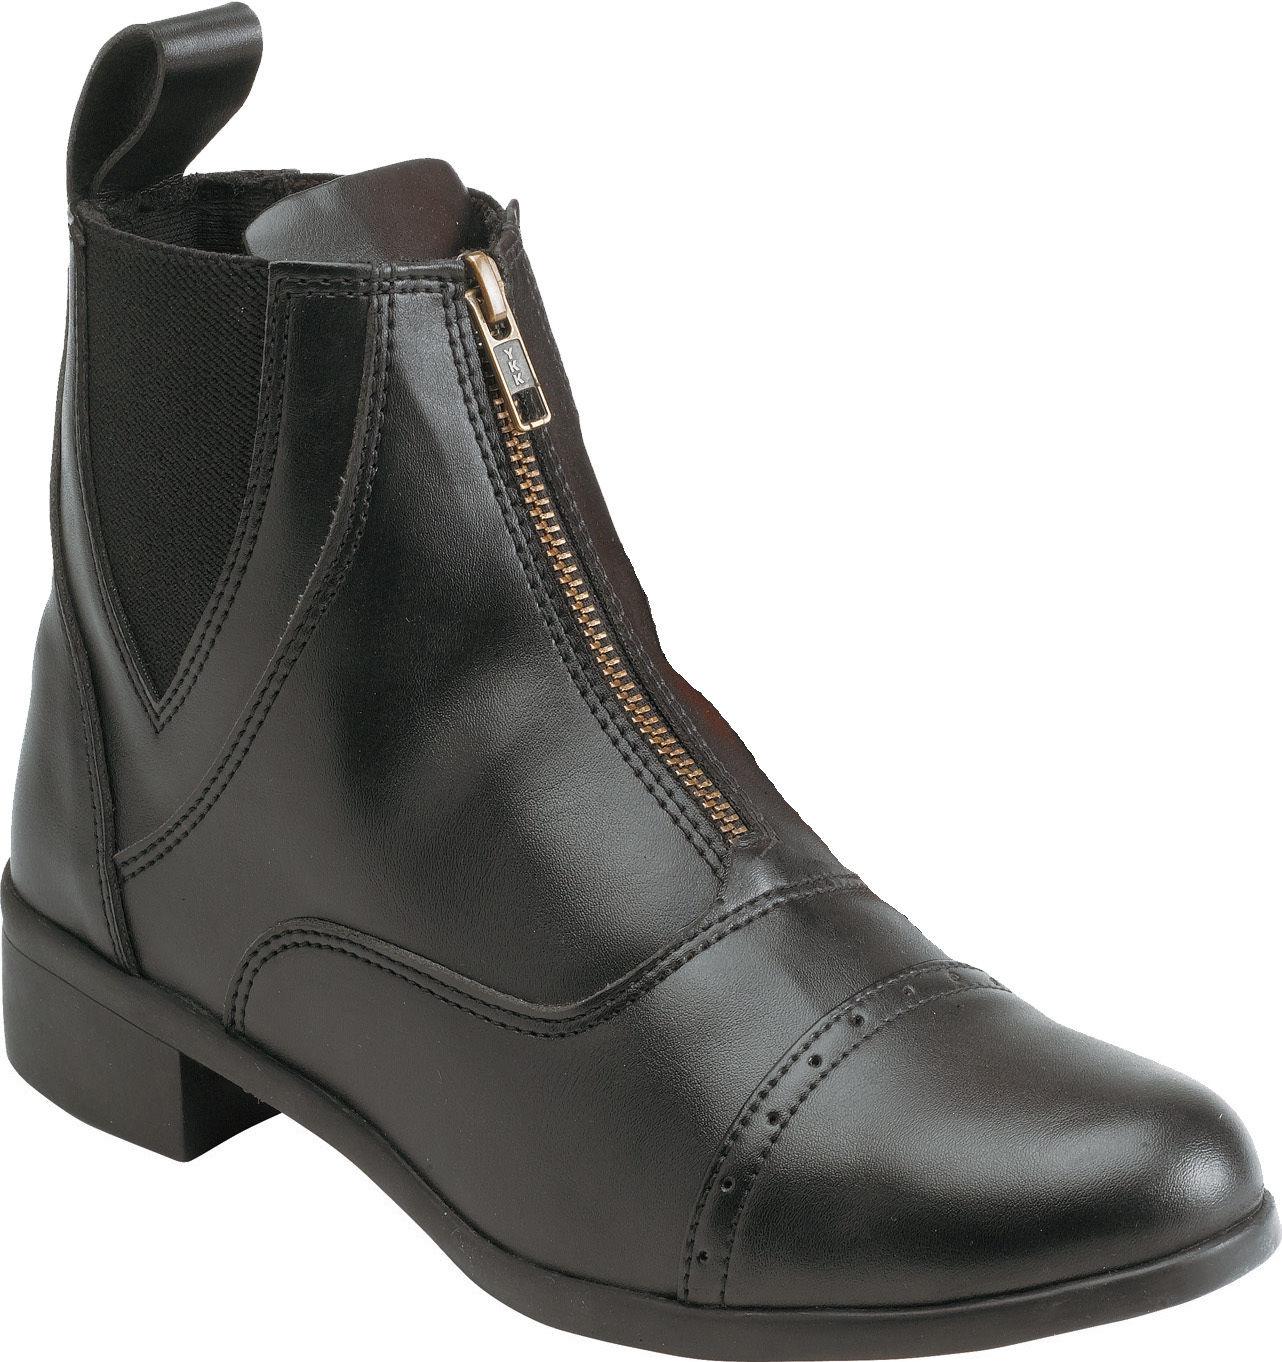 """Equi-Théme """"Zip"""" Stiefelette, schwarz, viele Größen, NEU (914014)"""